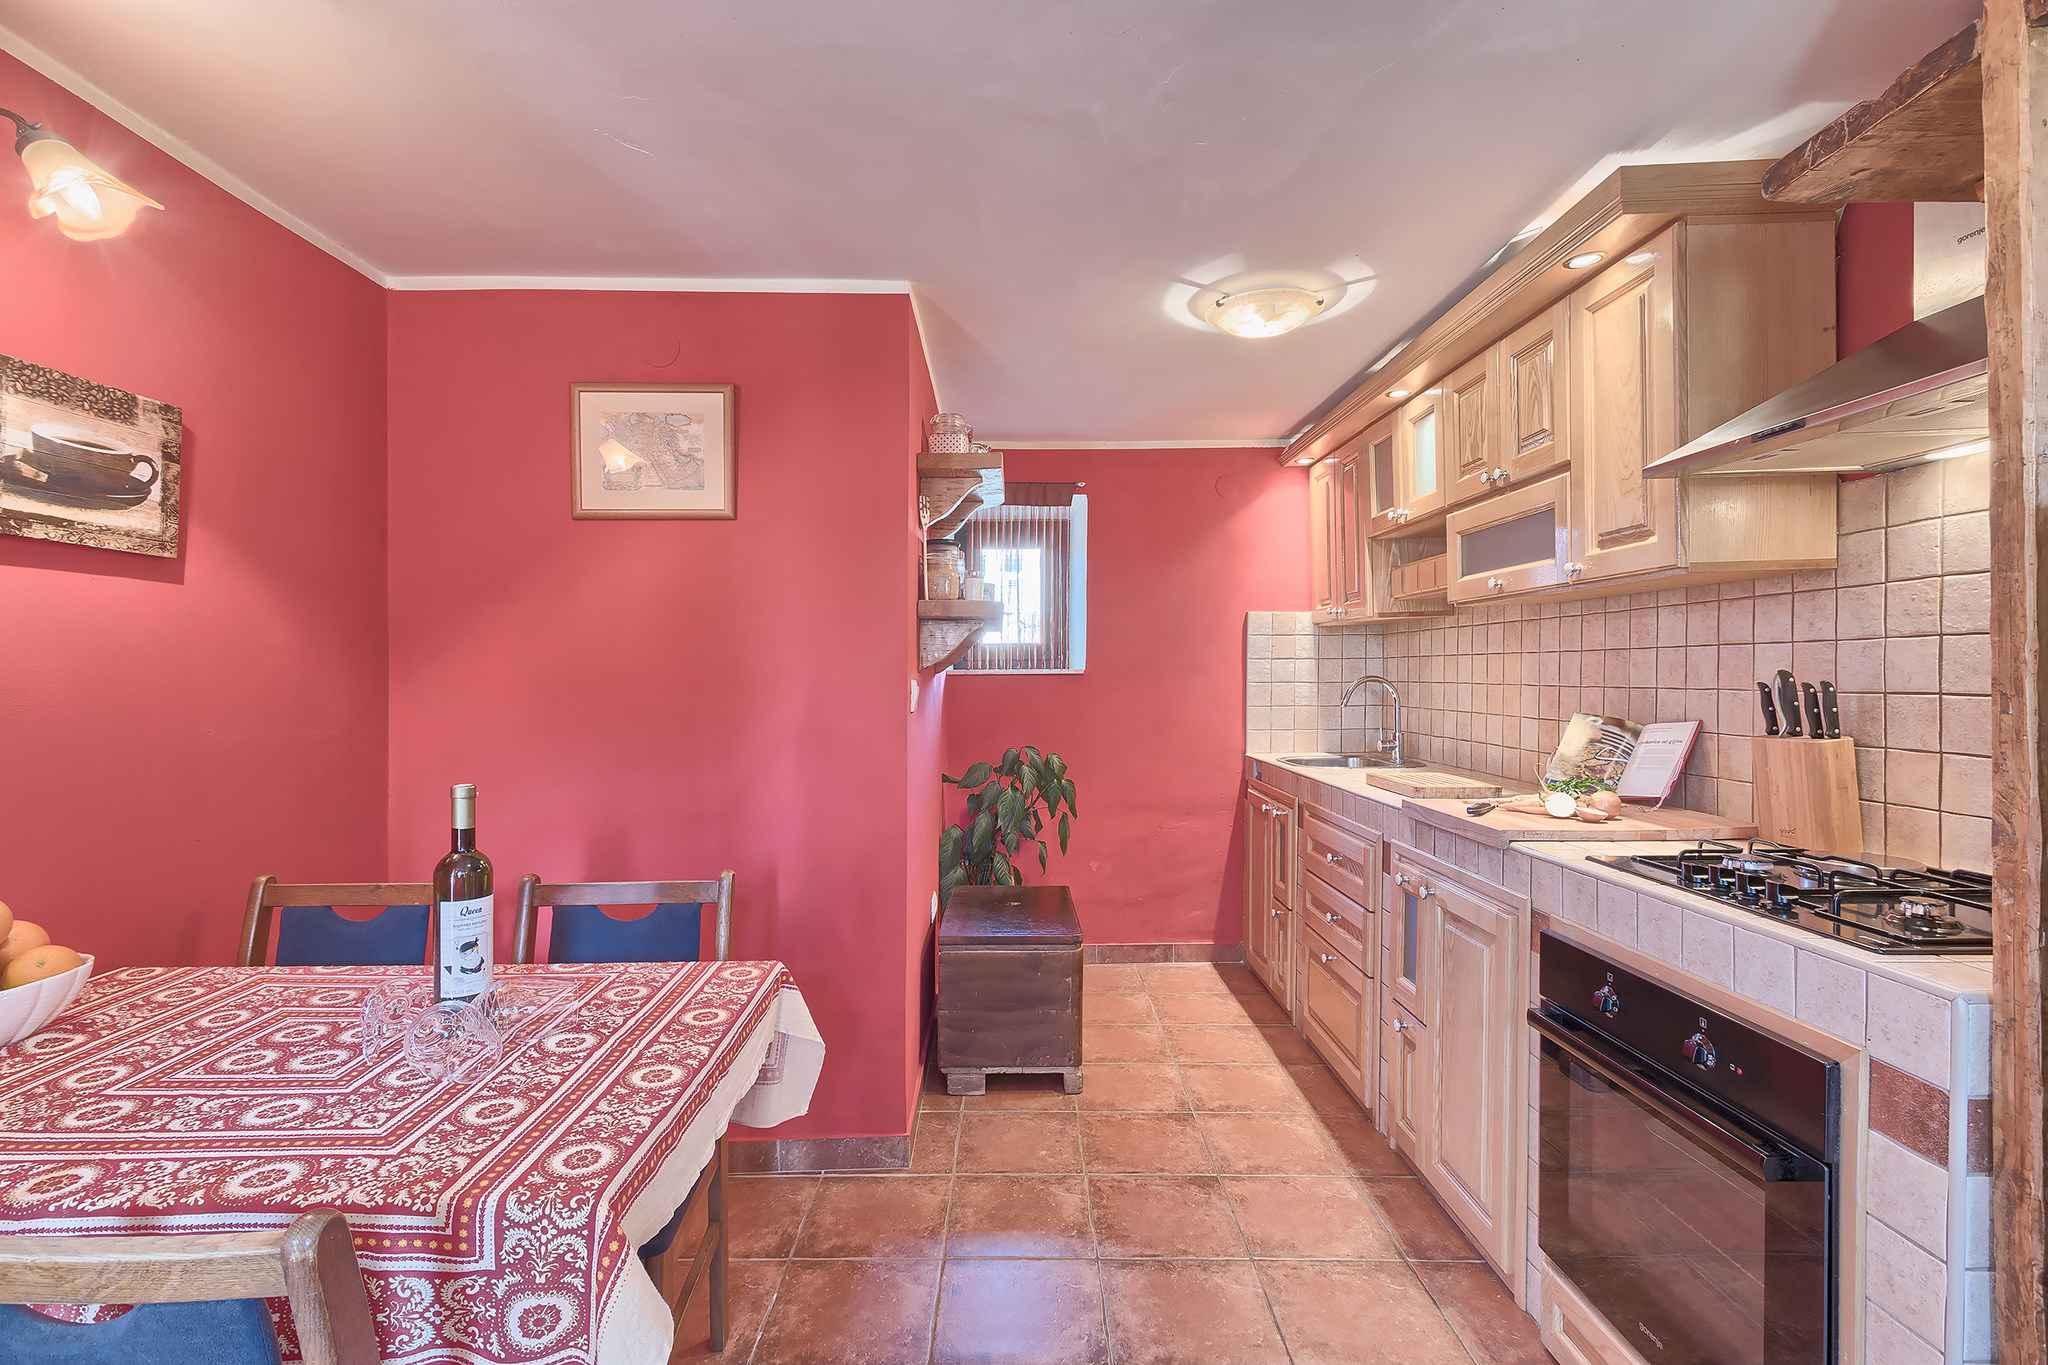 Ferienhaus mit Garten (470324), Marcana, , Istrien, Kroatien, Bild 13